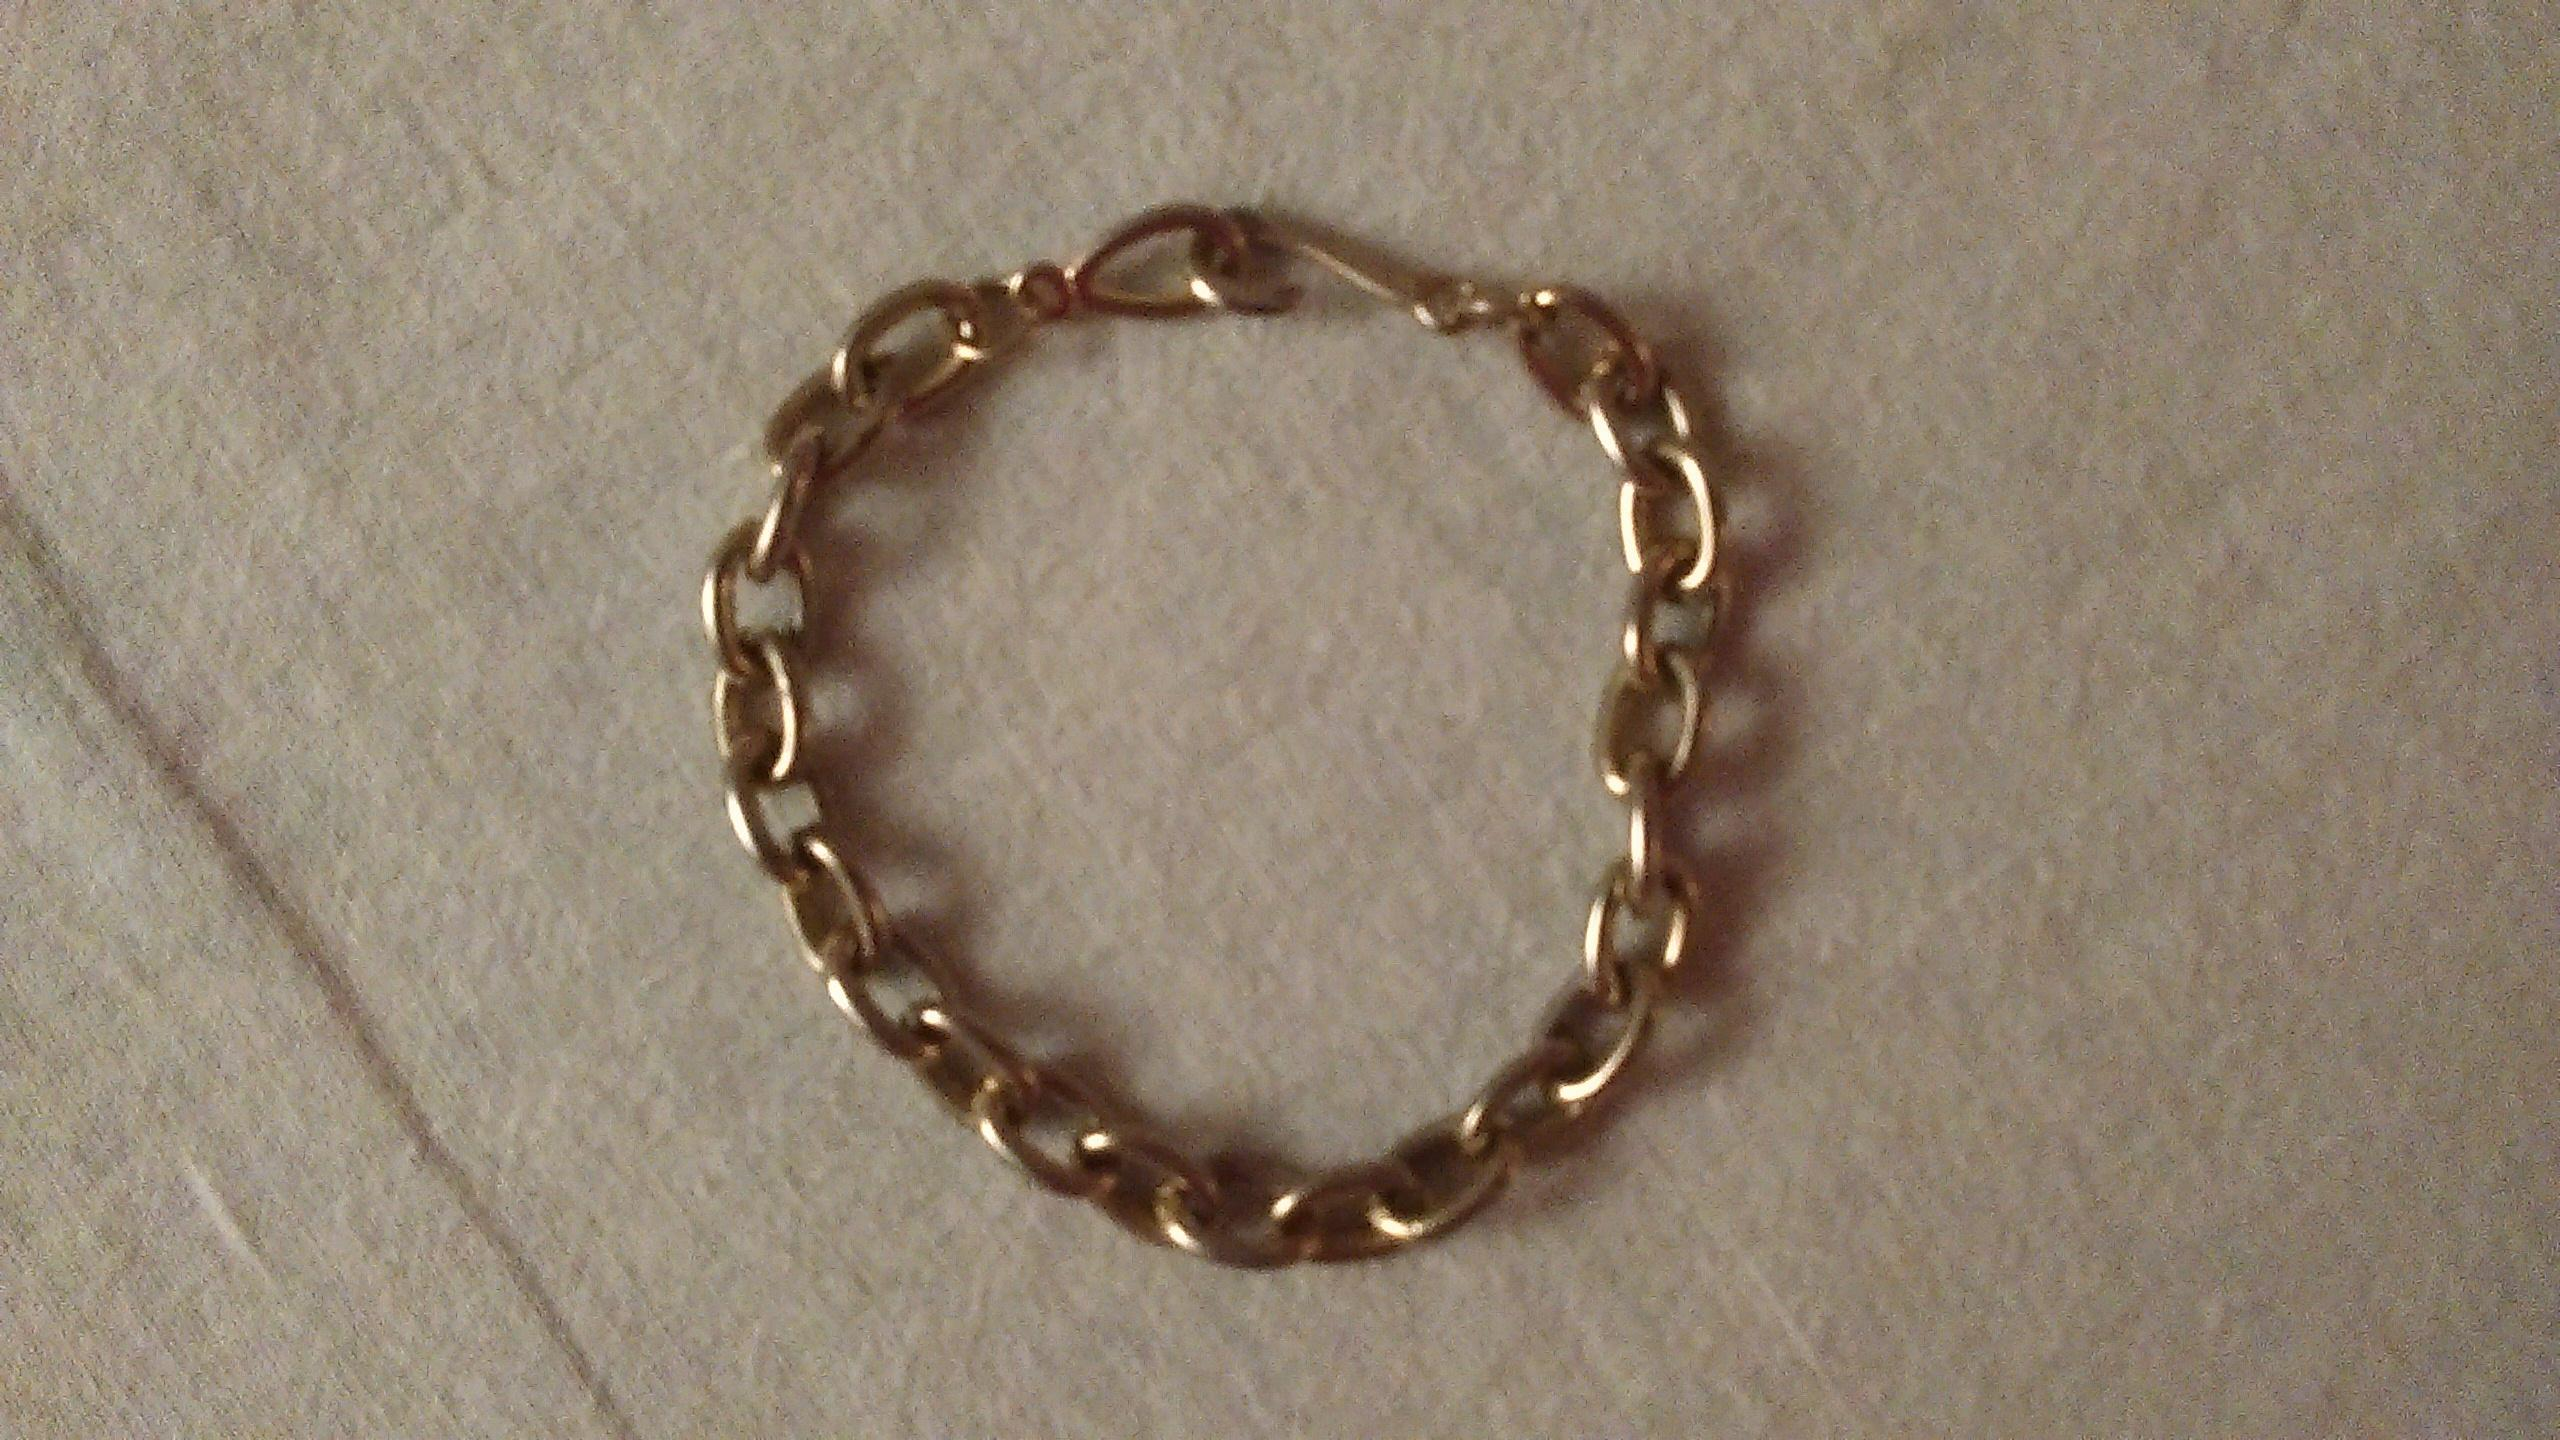 troc de troc bracelet argenté. image 1